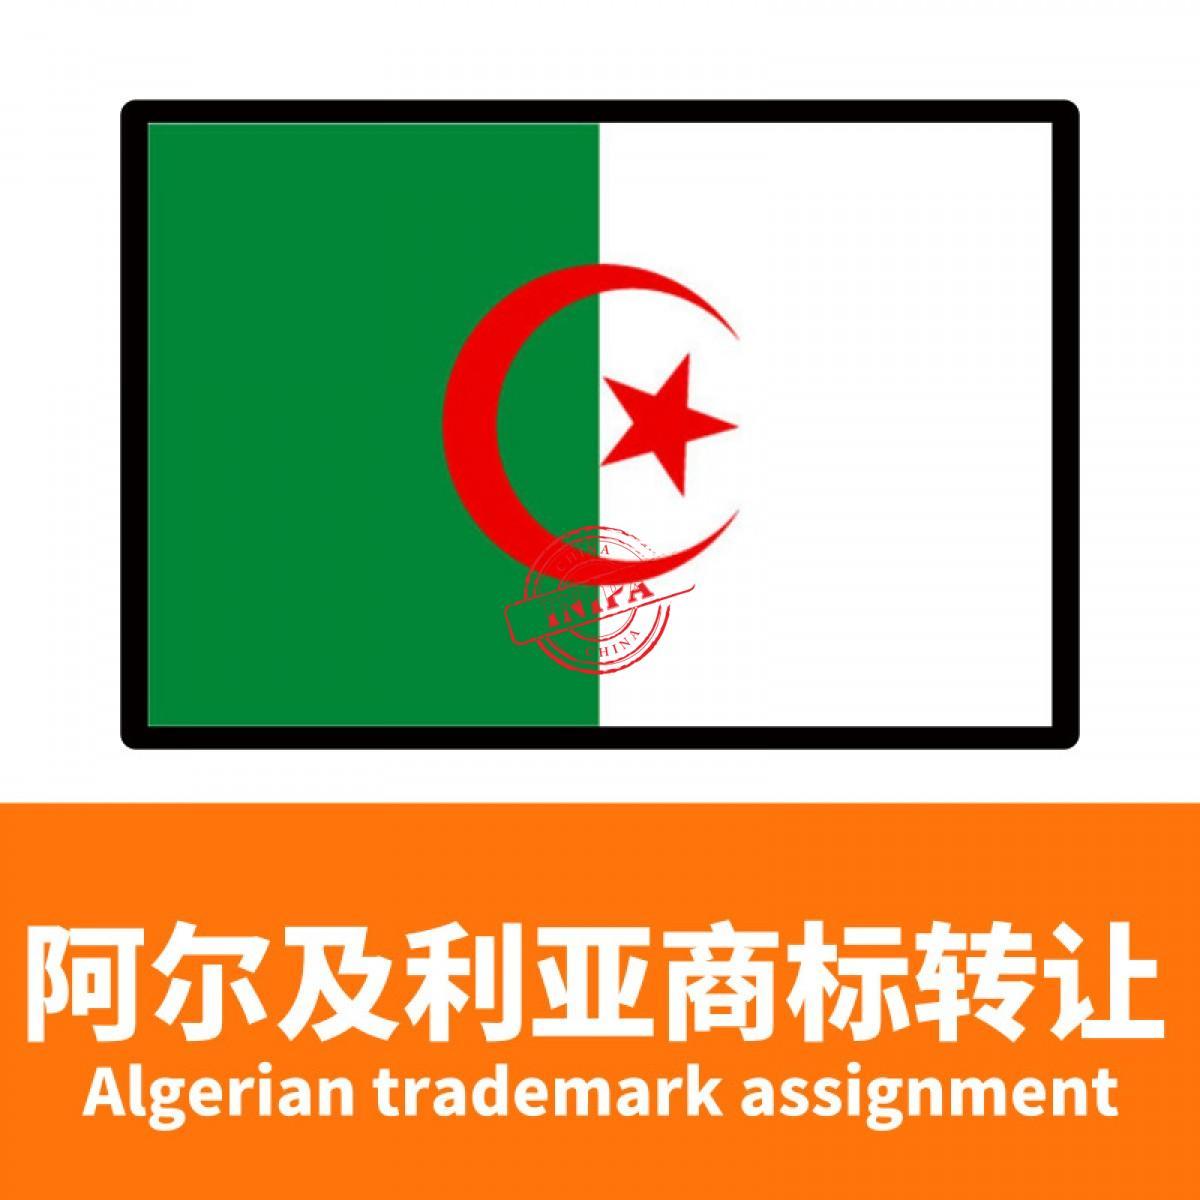 阿尔及利亚商标转让/Trademark transfer in Algeria